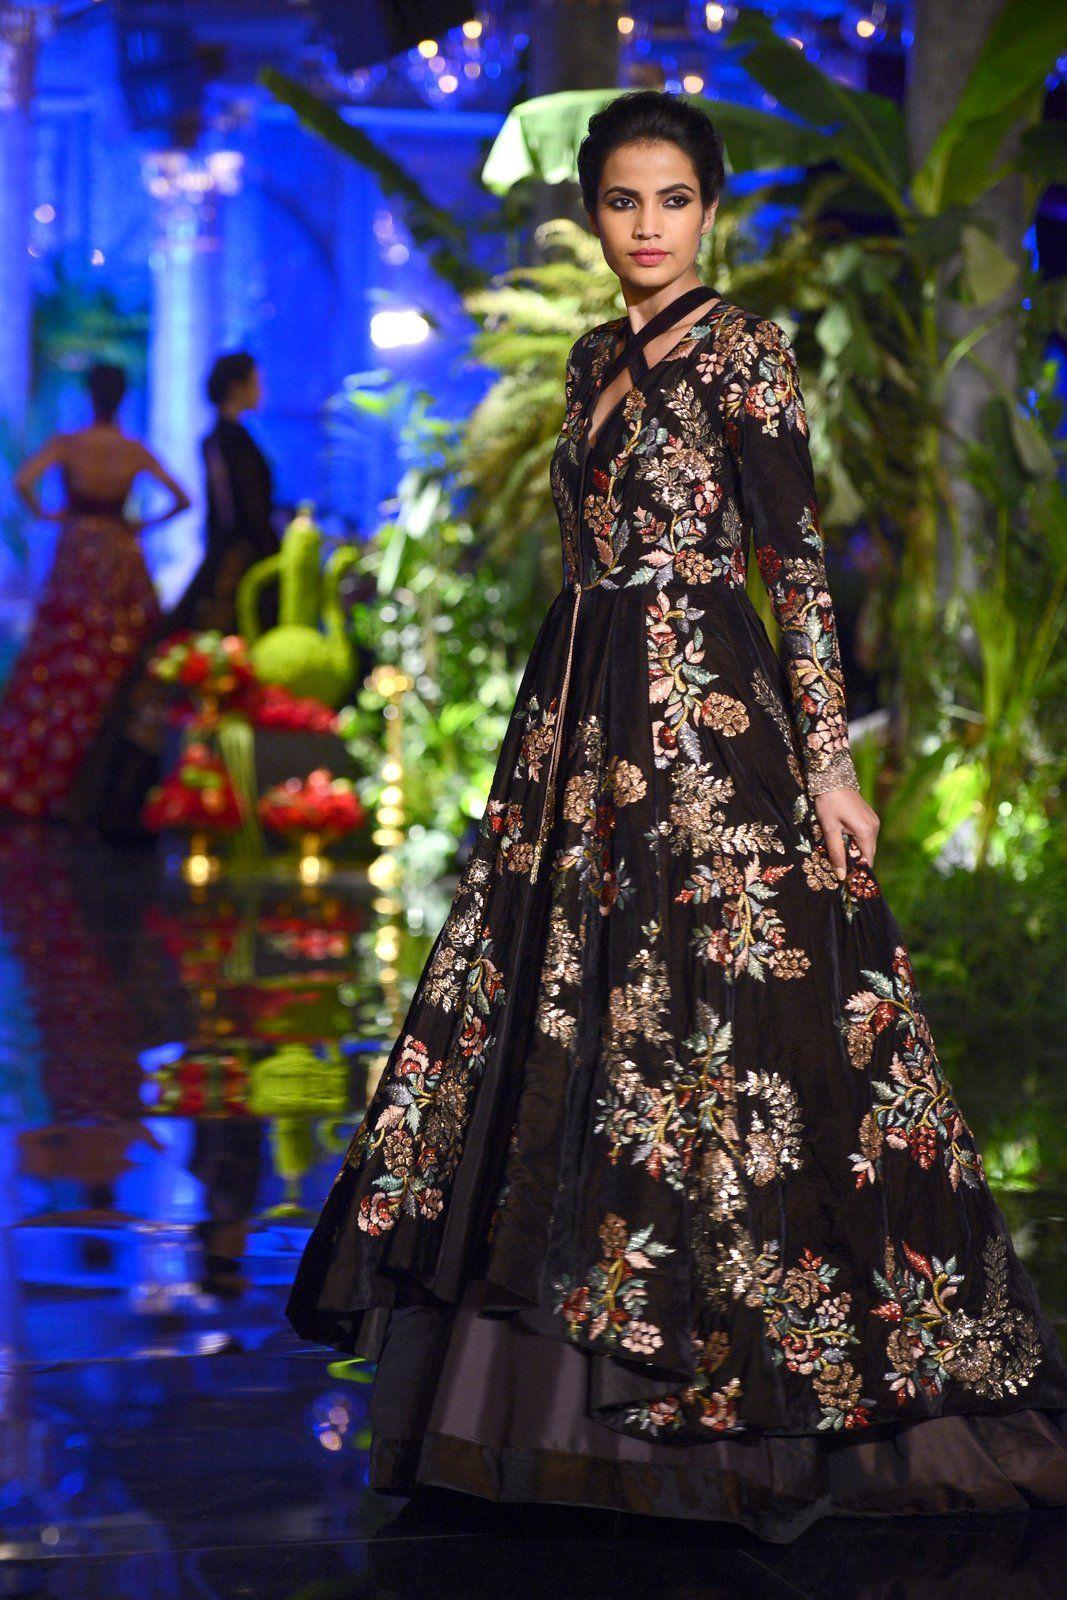 India Couture Week 2016 - Manish Malhotra #ICW2016 #ManishMalhotra ...